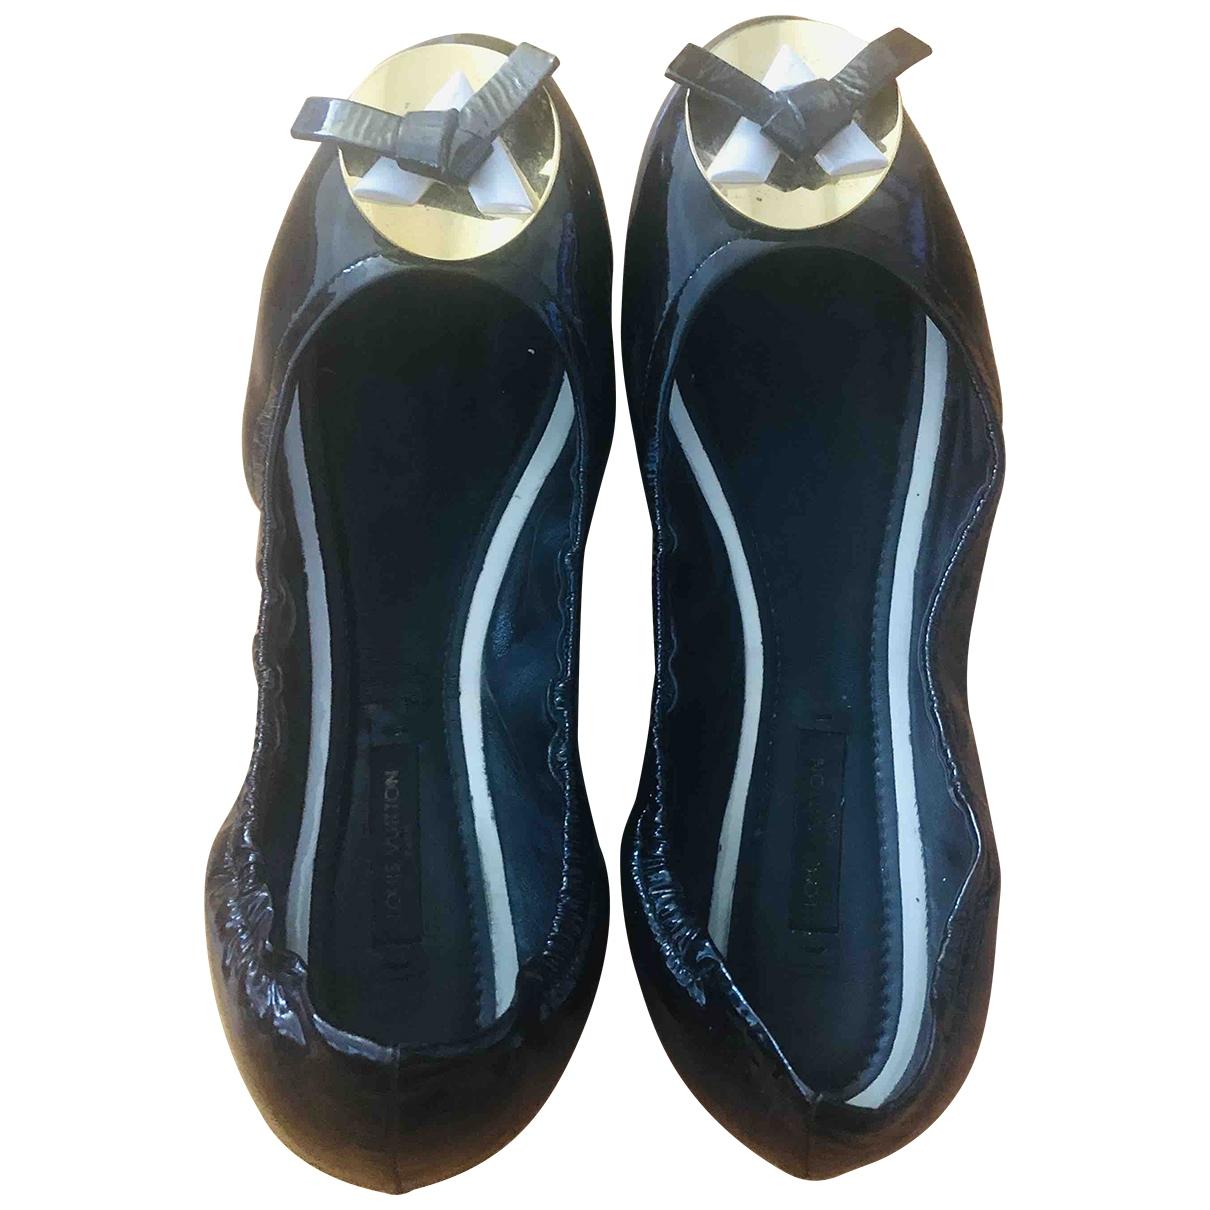 Louis Vuitton - Ballerines   pour femme en cuir verni - noir